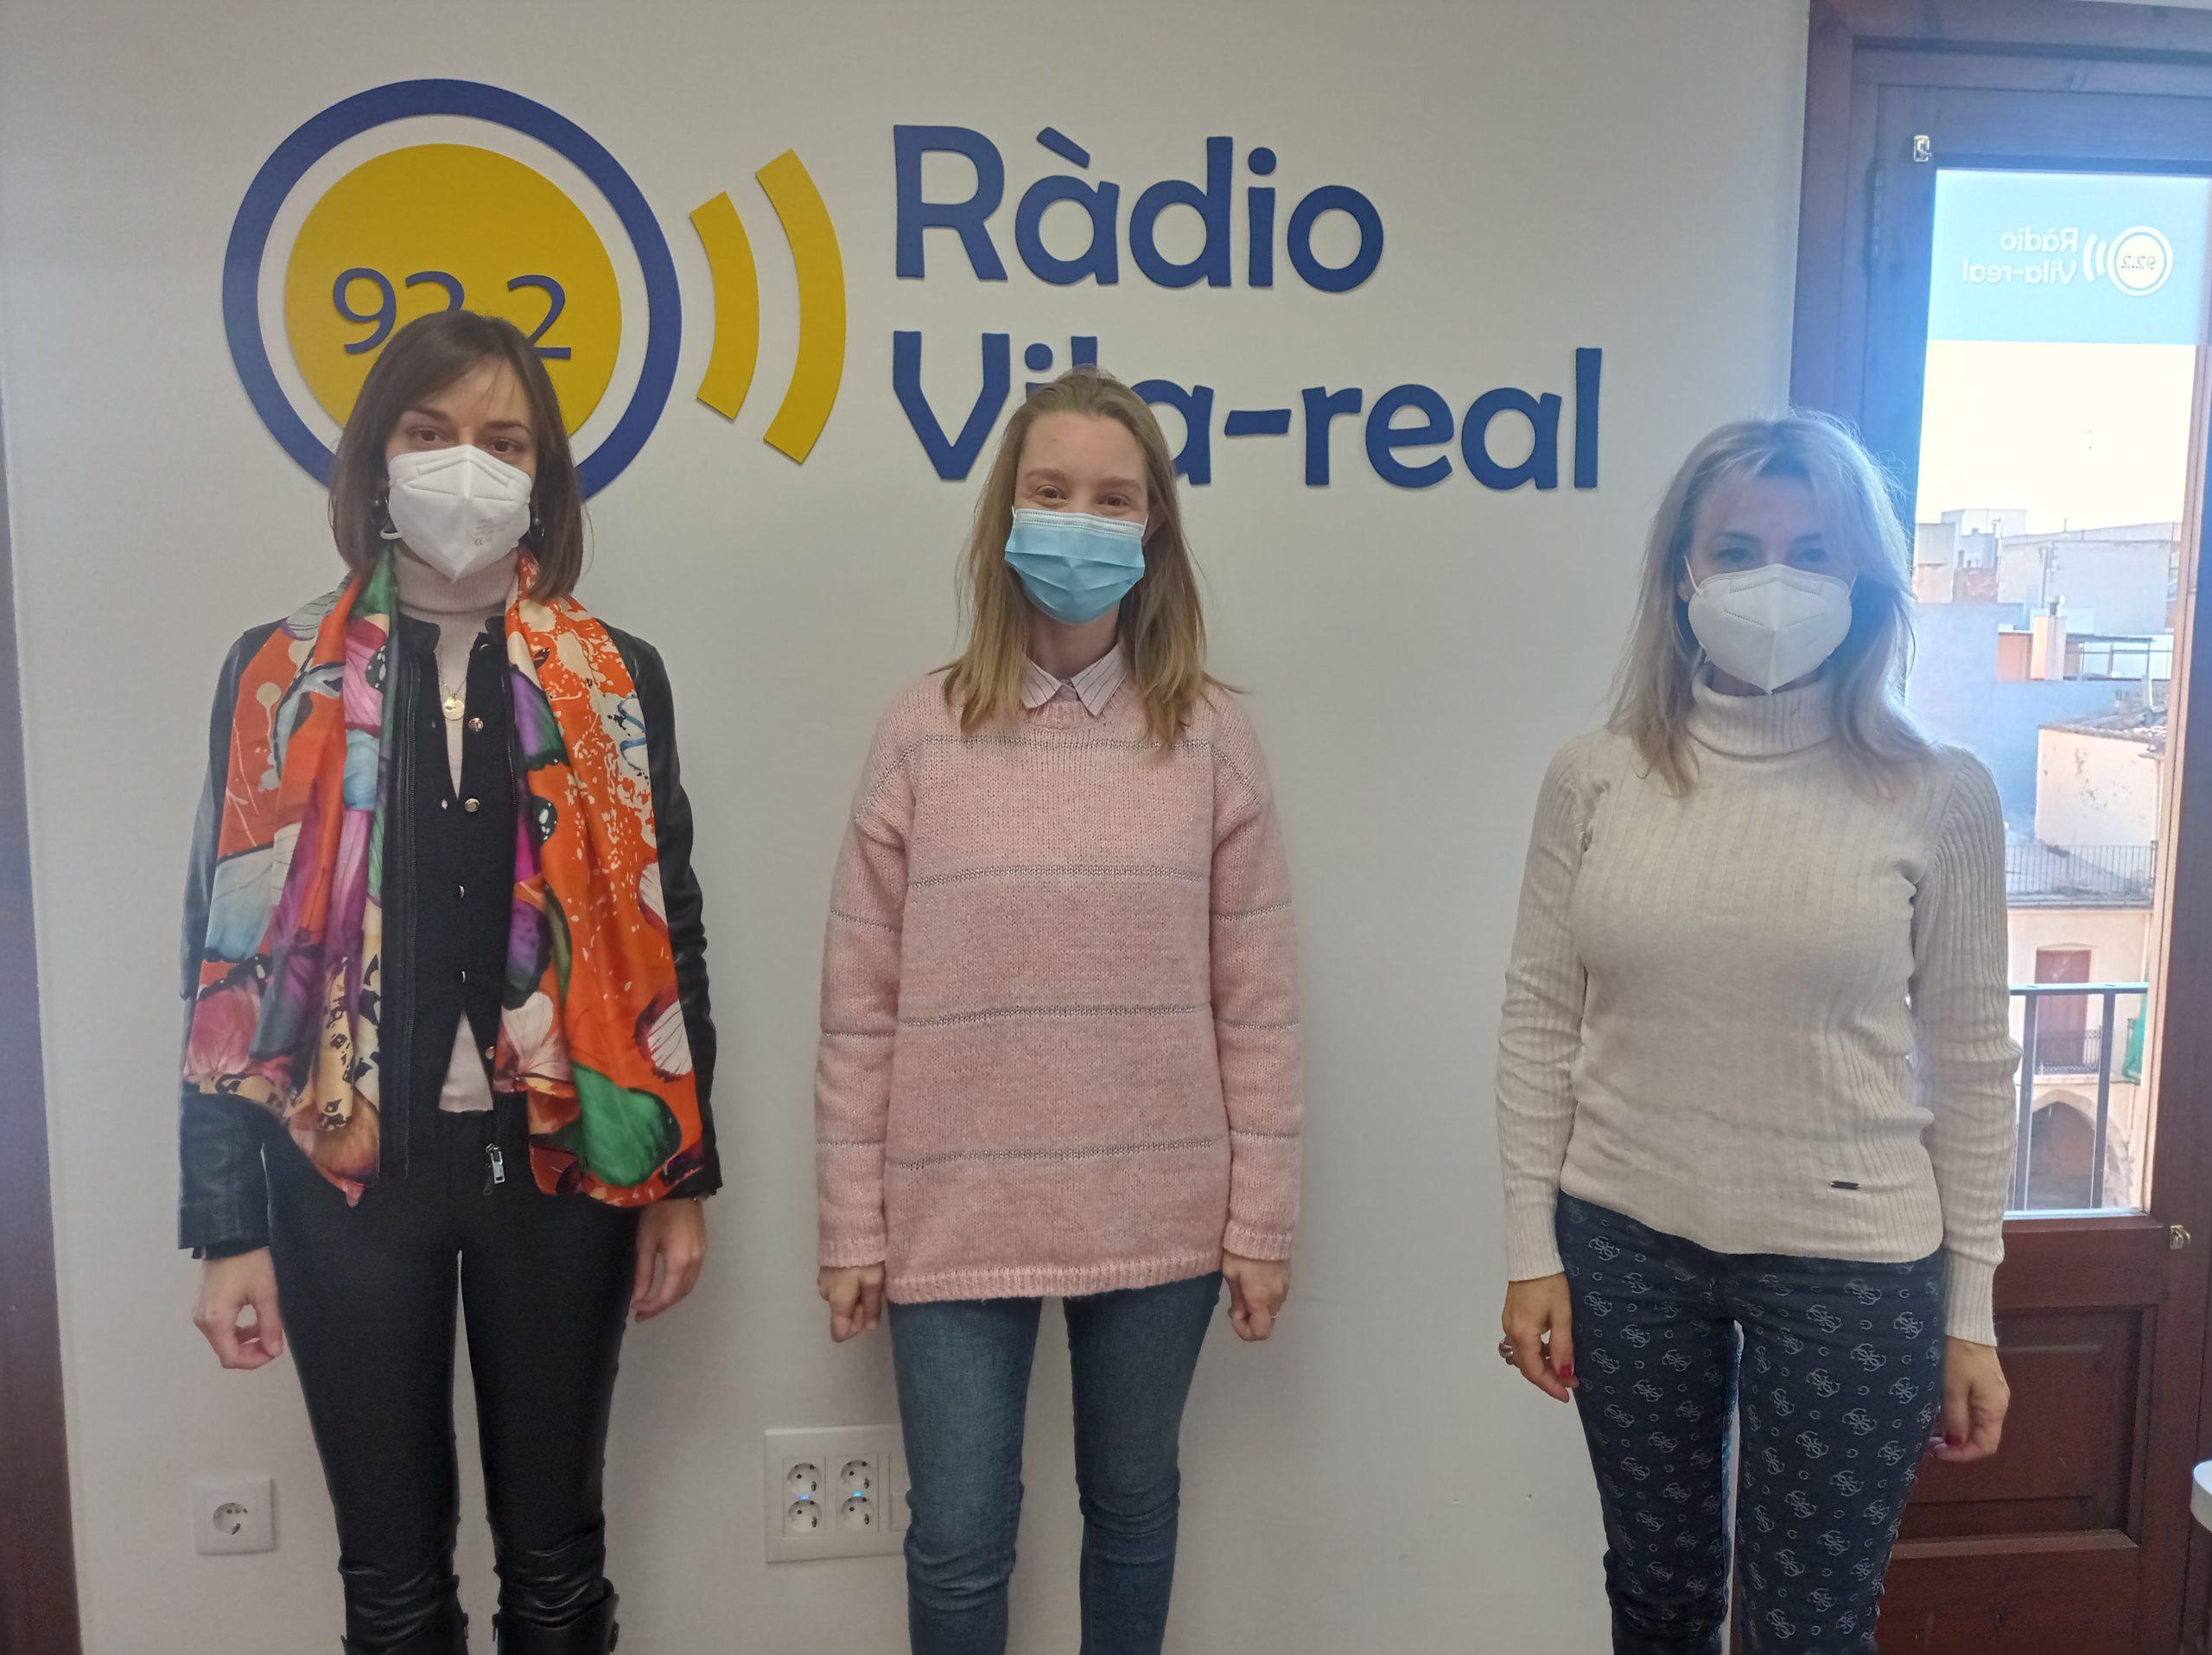 Entrevista a las concejalas de Compromís per Vila-real, María Fajardo y Balma Llansola